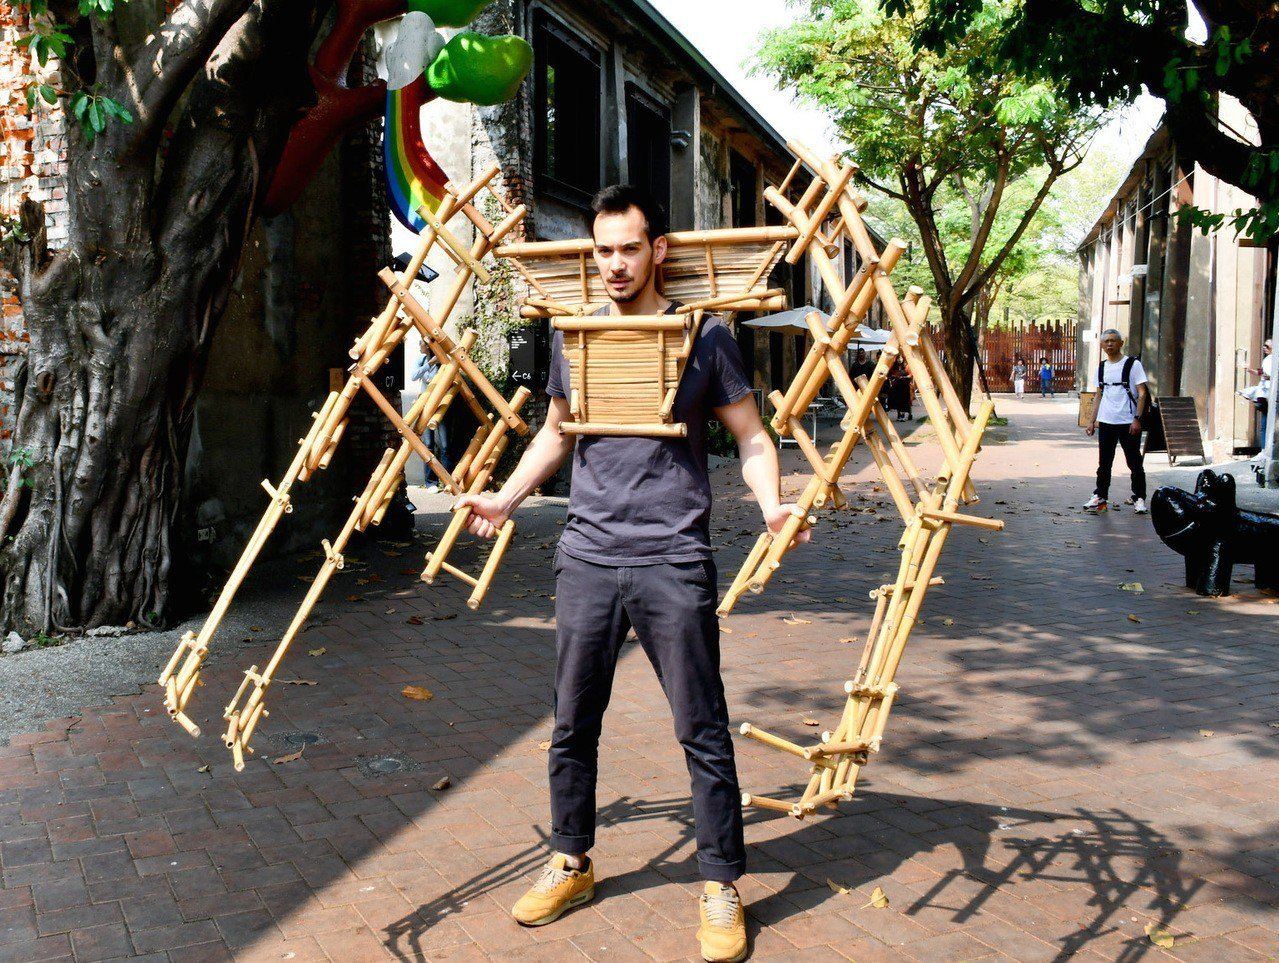 法籍藝術家喬納森·西瑟芬擅長仿生、擬態互動式裝置藝術,創作的哪吒六臂竹鎧甲可以操...